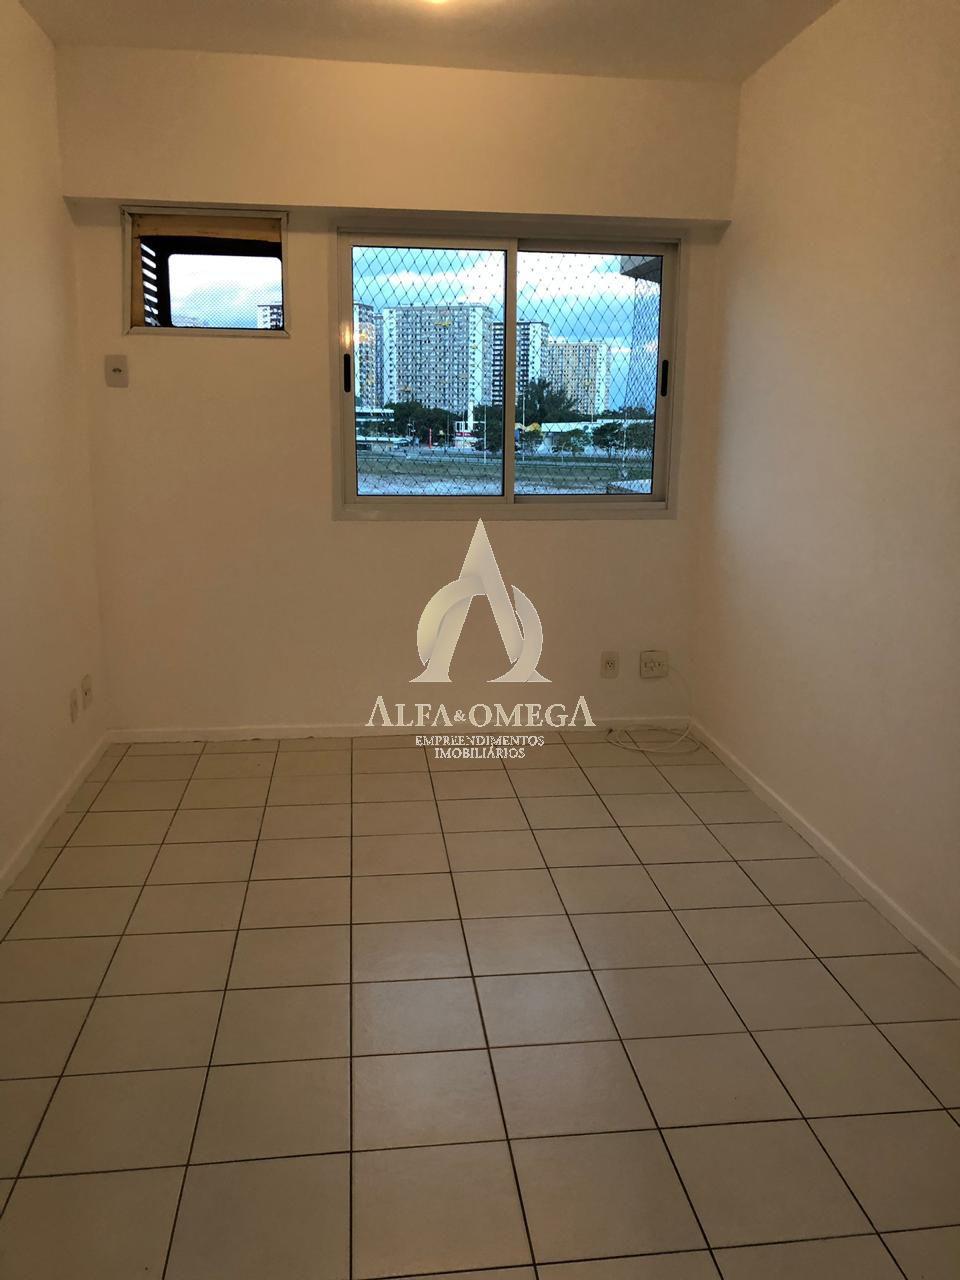 FOTO 9 - Apartamento Barra da Tijuca, Rio de Janeiro, RJ Para Alugar, 2 Quartos, 69m² - AO20270L - 10